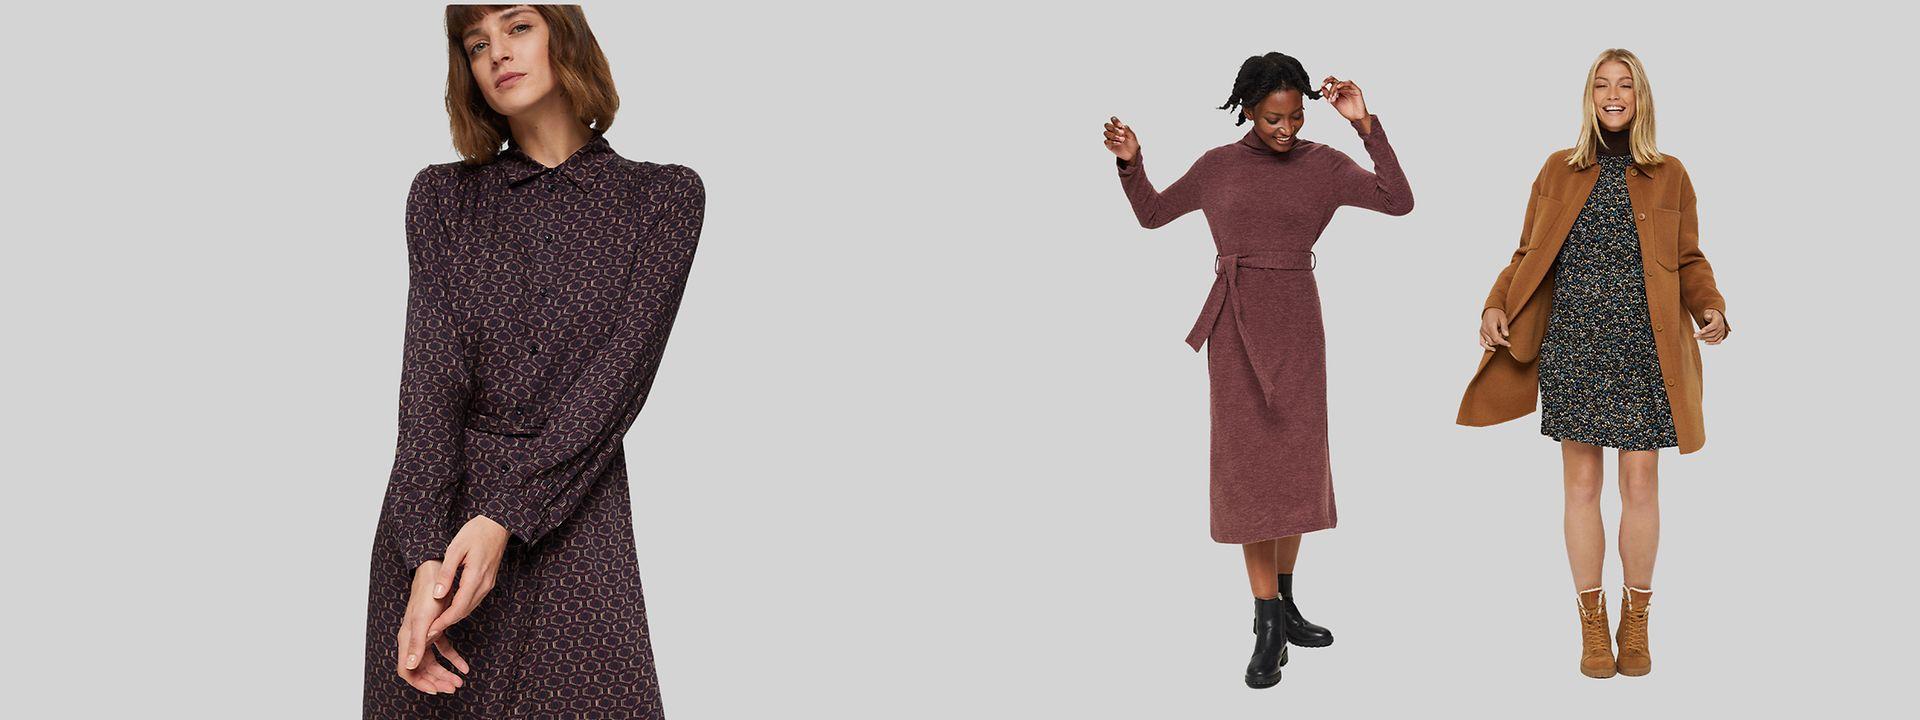 432021 - Women - pov banner -Fall Dresses - IMG